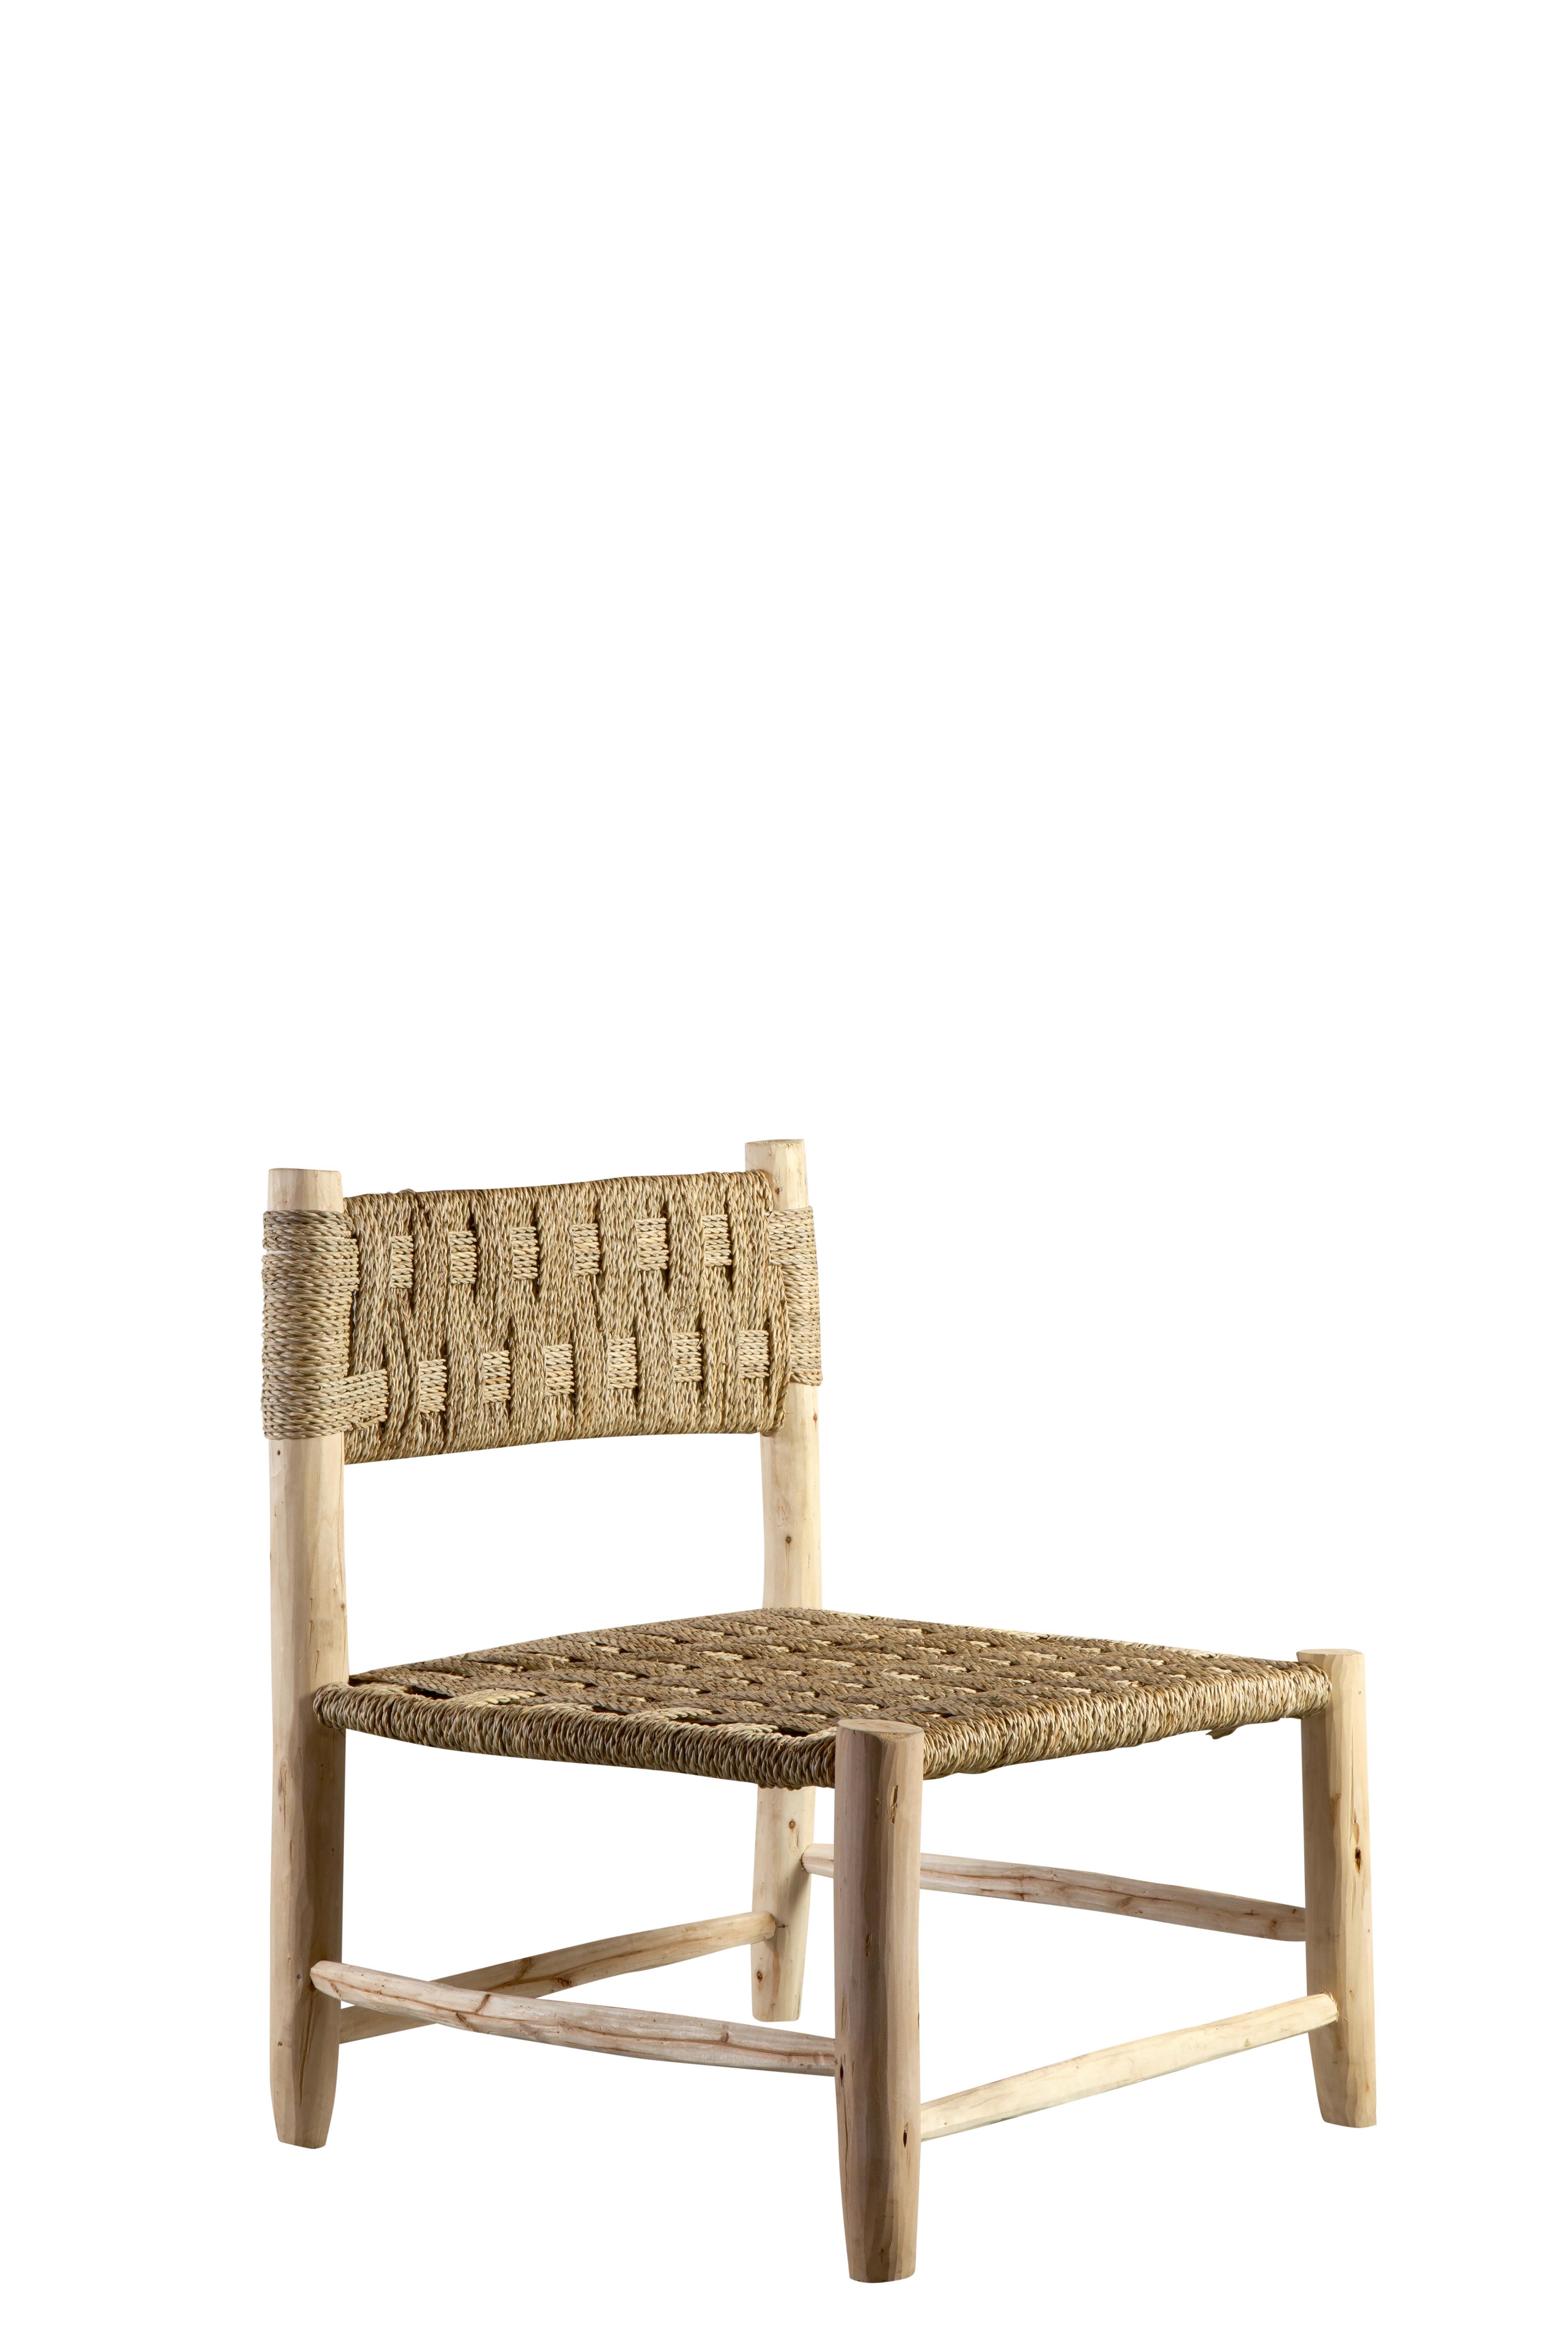 Chair in palm leaf wood 76bf7163a44b5